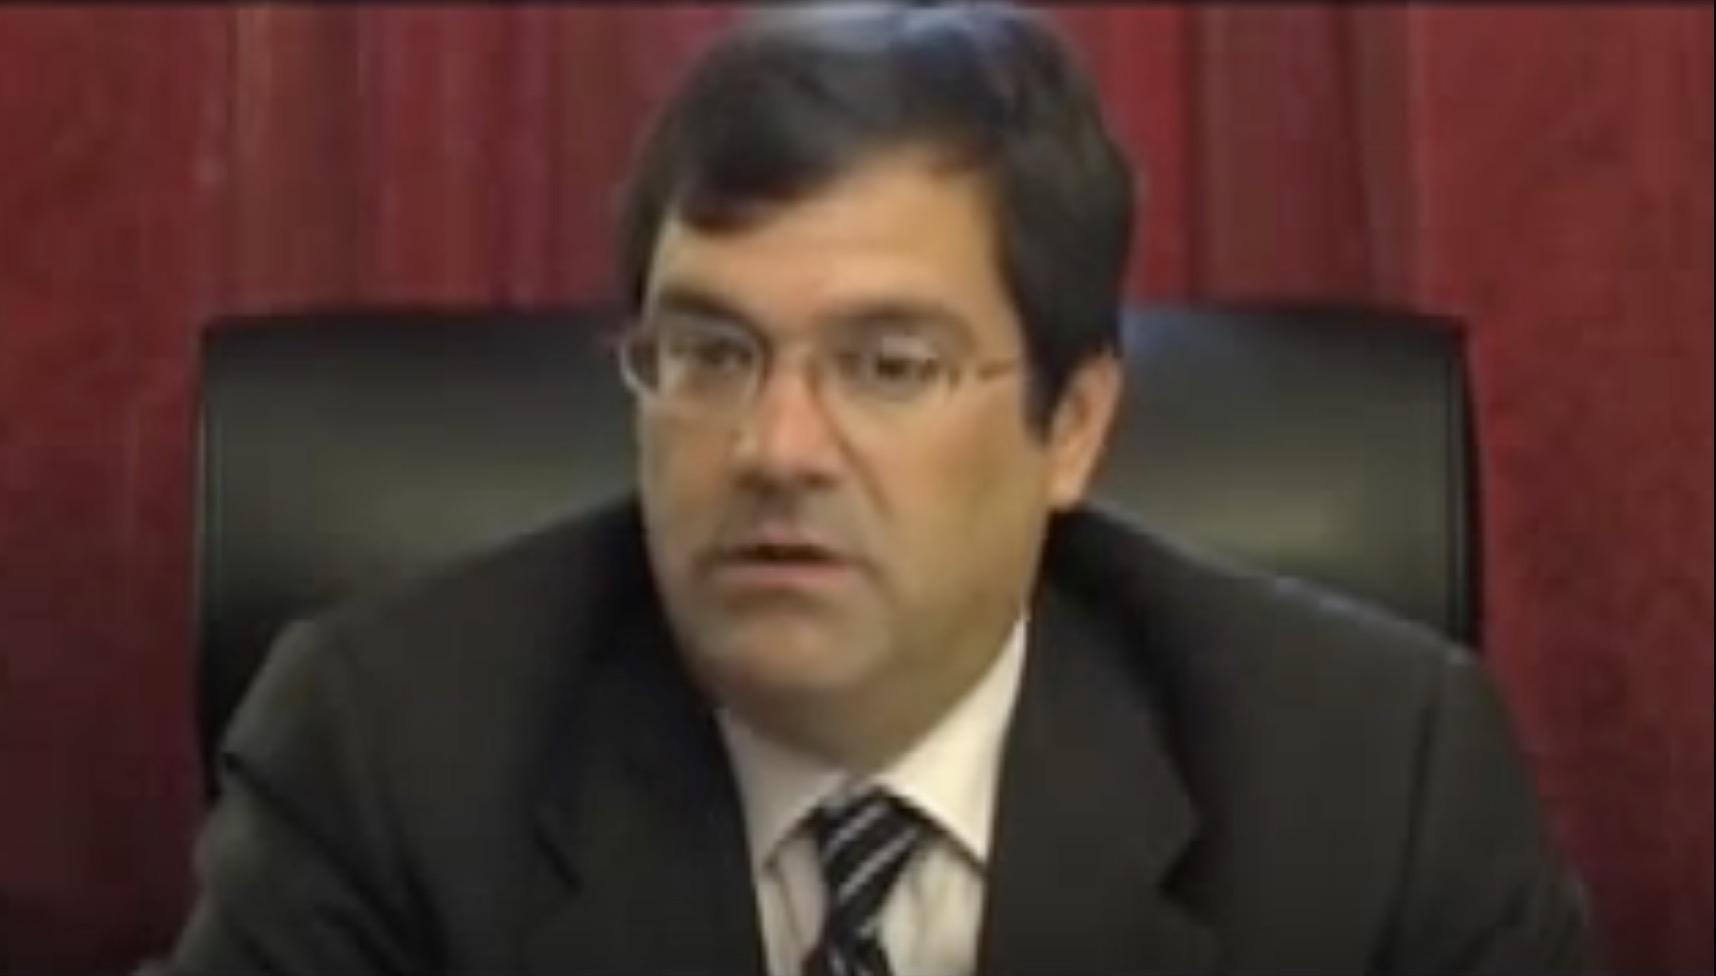 Democrat Chris Hunter challenges Bilirakis